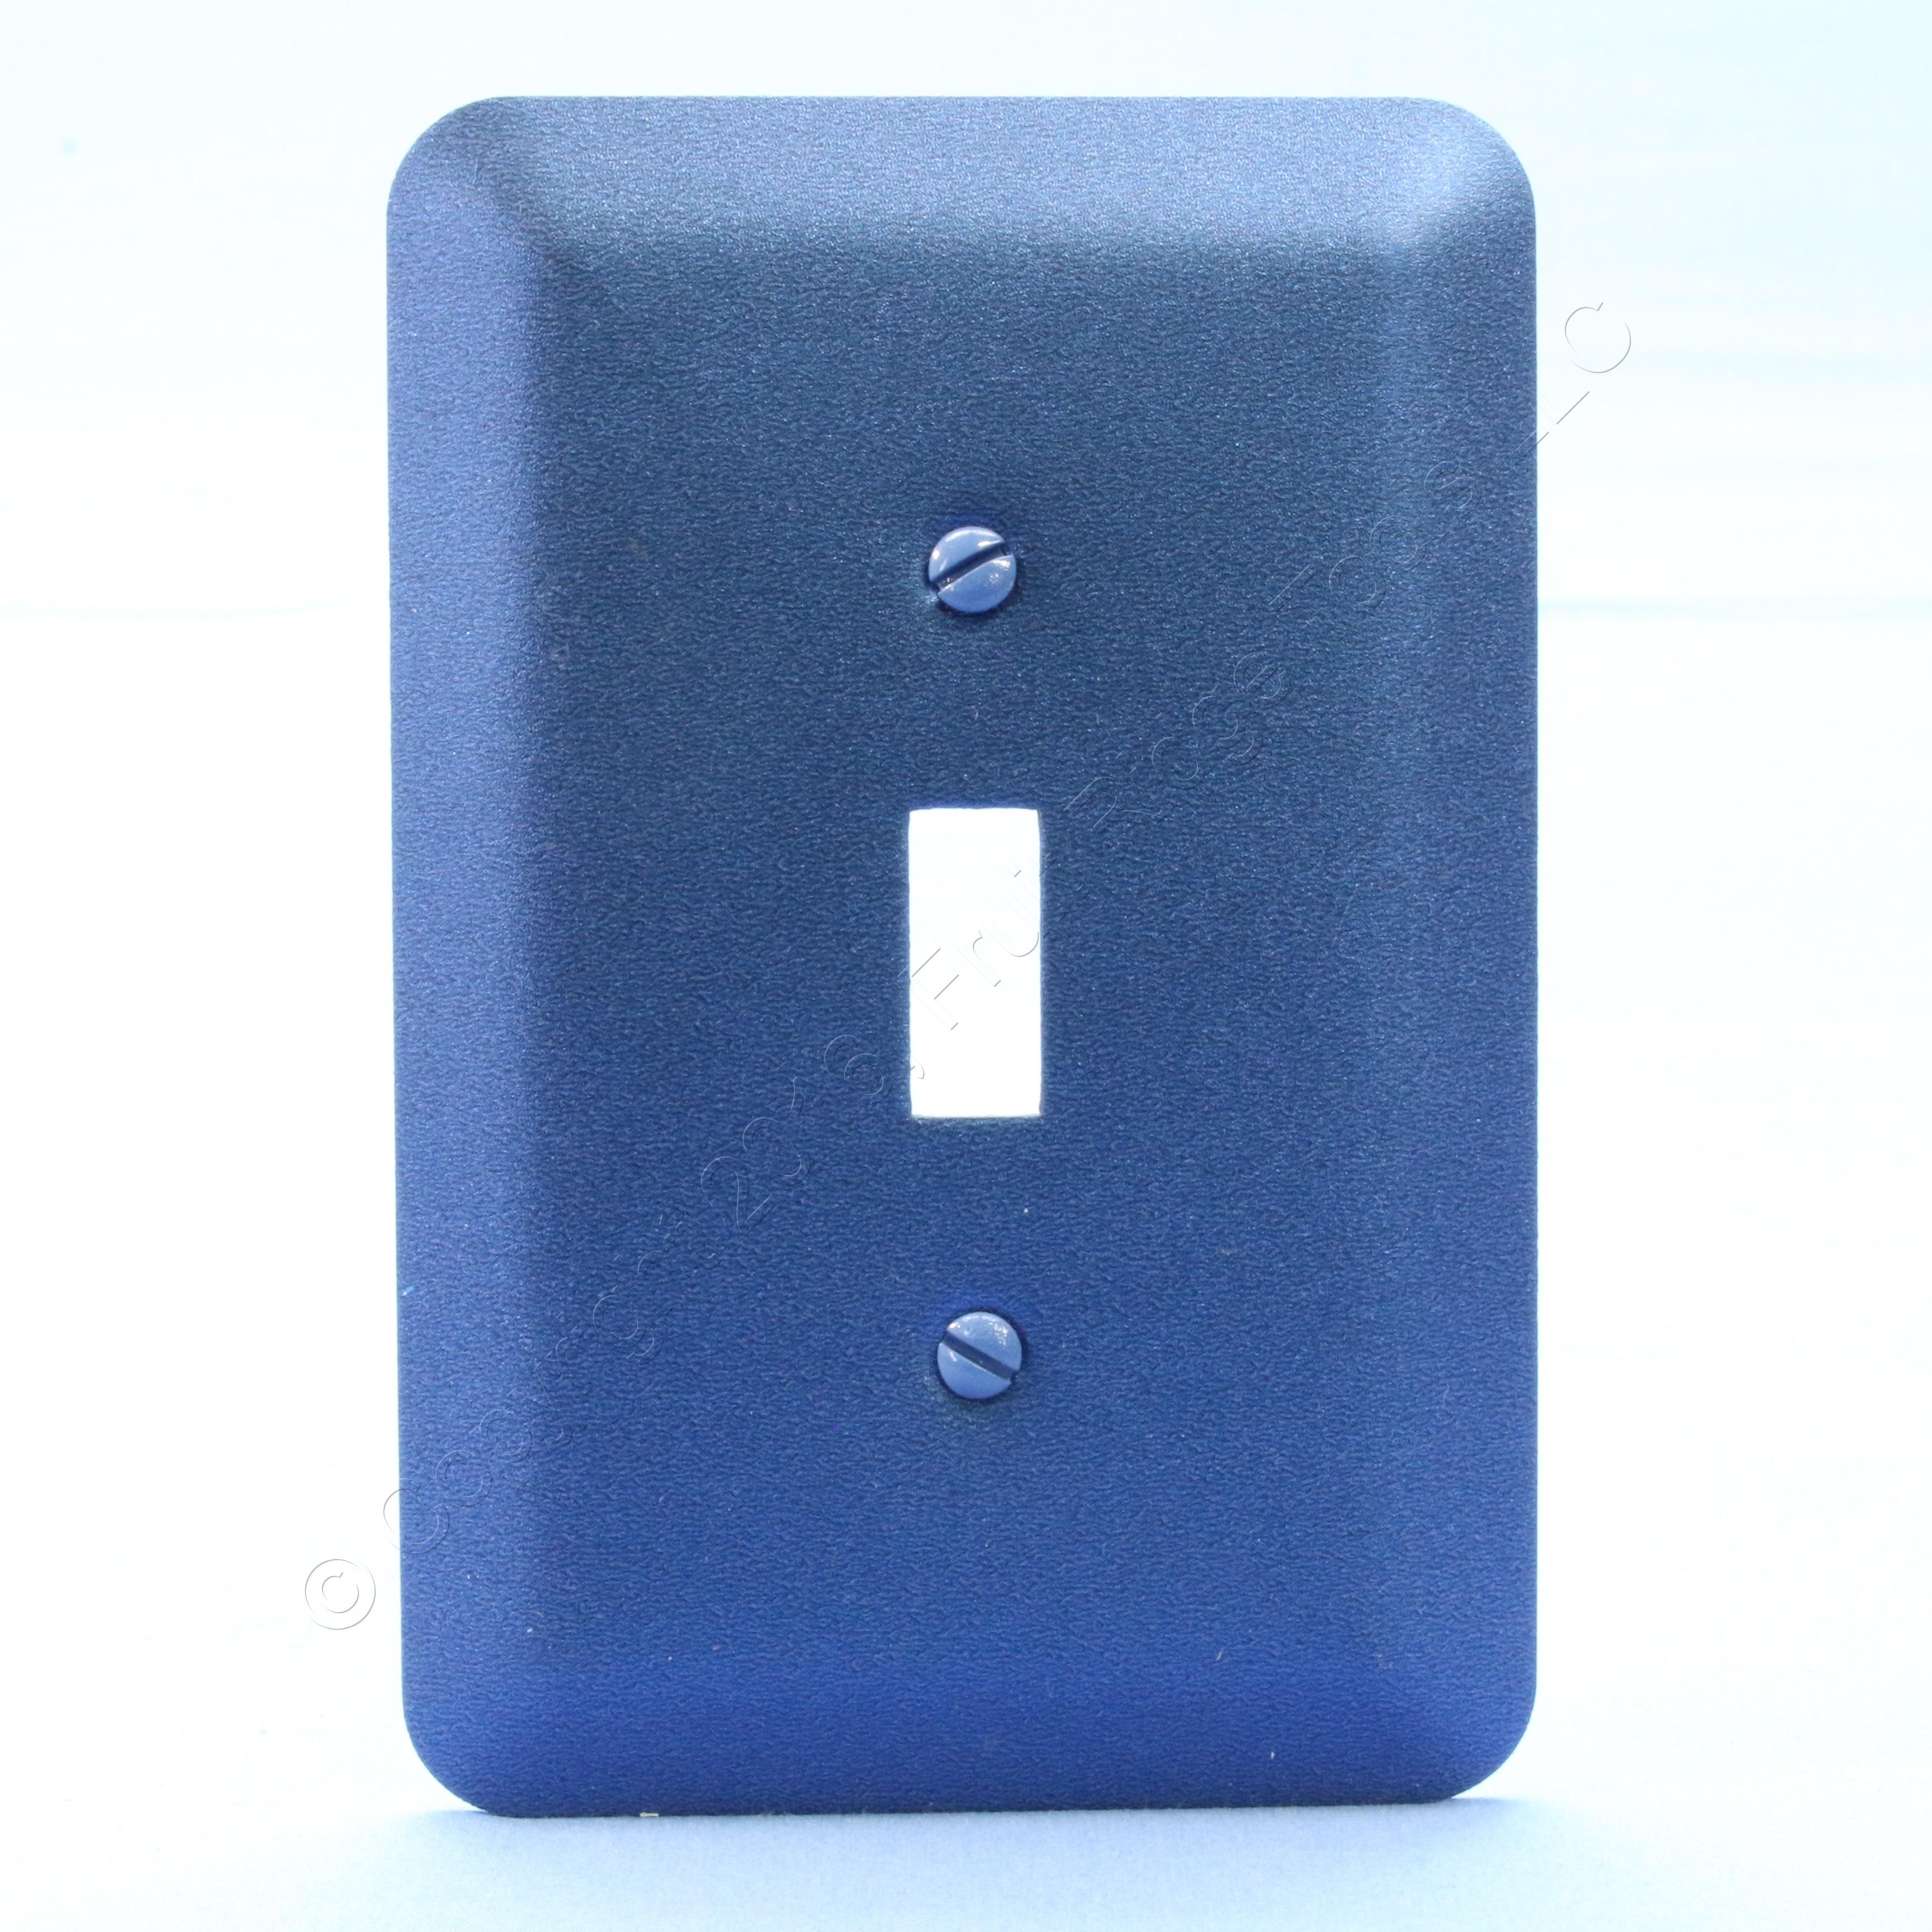 Leviton 1G JUMBO Metallic Blue Switch Cover Oversize Toggle